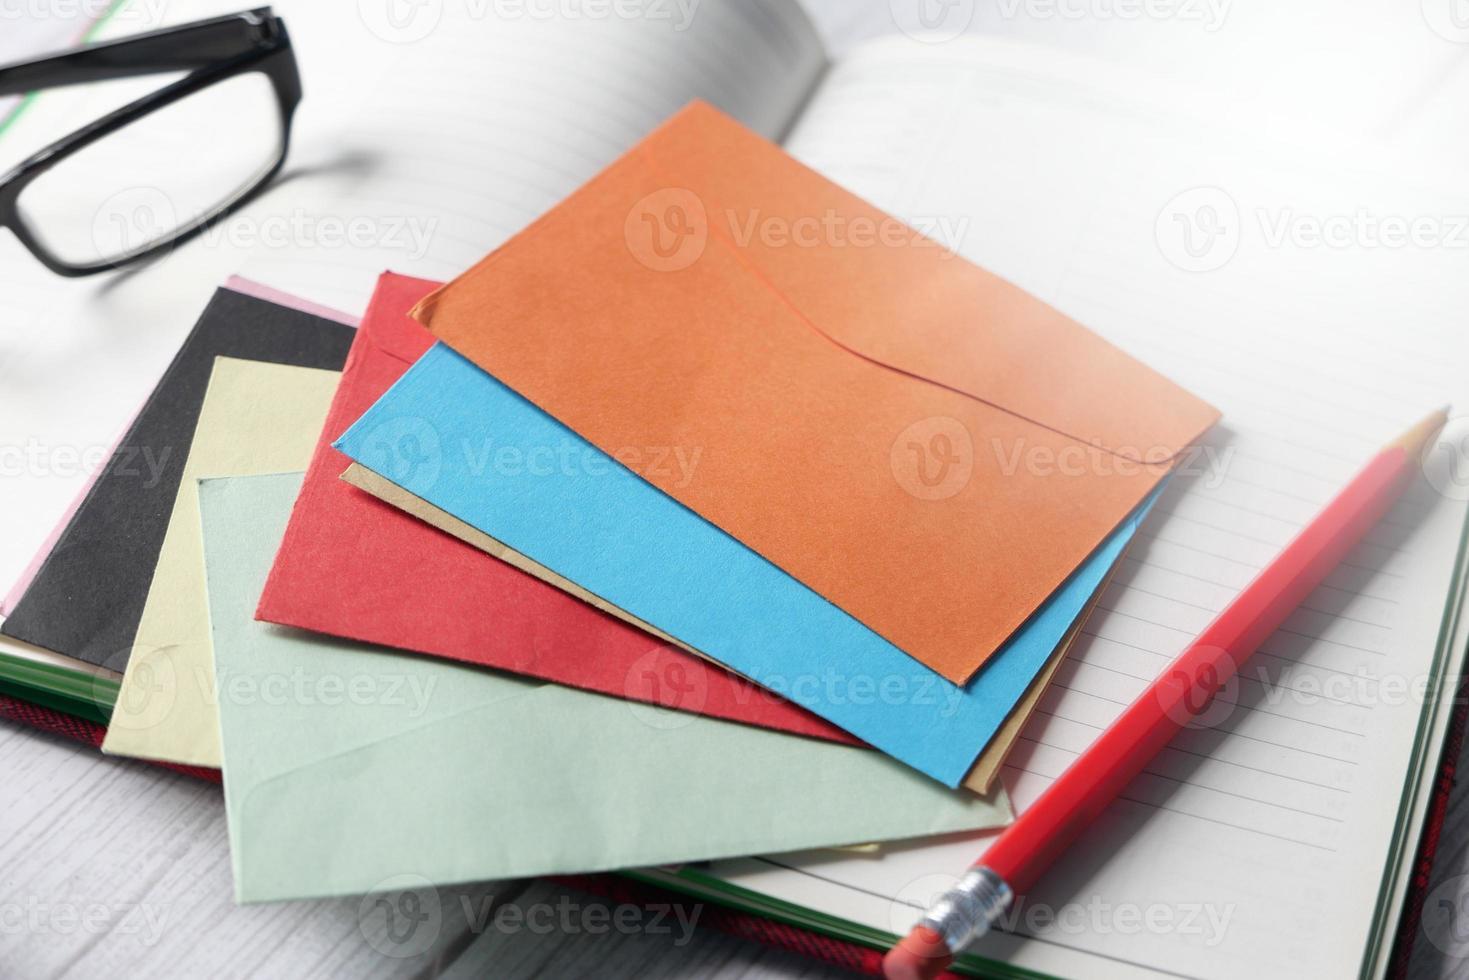 enveloppes colorées et bloc-notes sur table photo